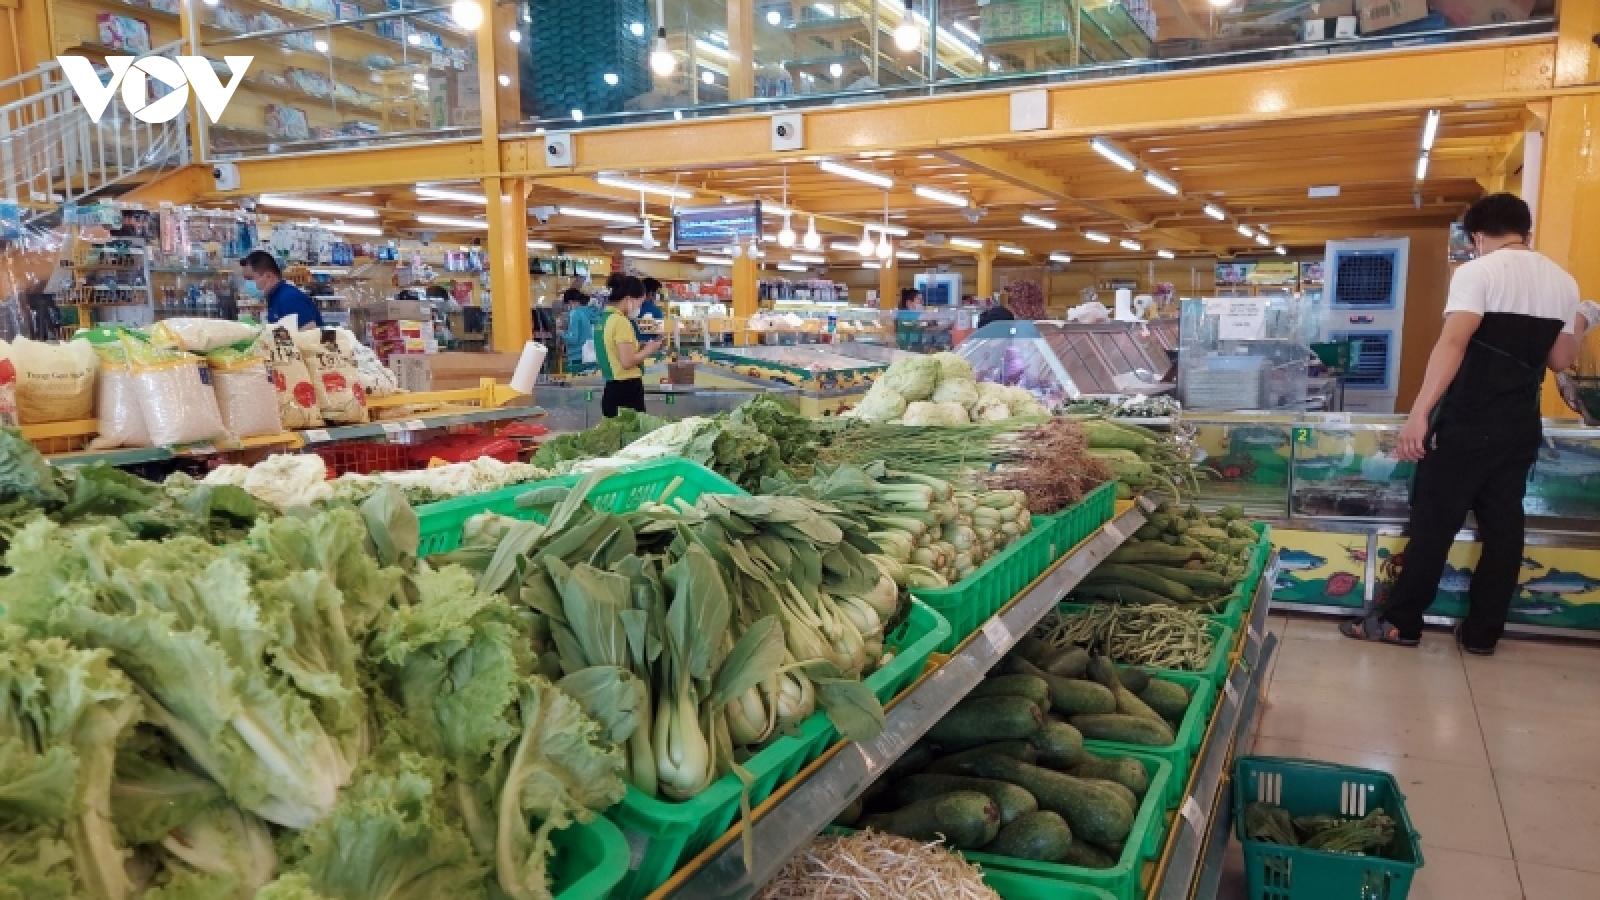 TP.HCM chuẩn bị kỹ việc mở lại chợ truyền thống, đẩy nhanh gói hỗ trợ thứ 3